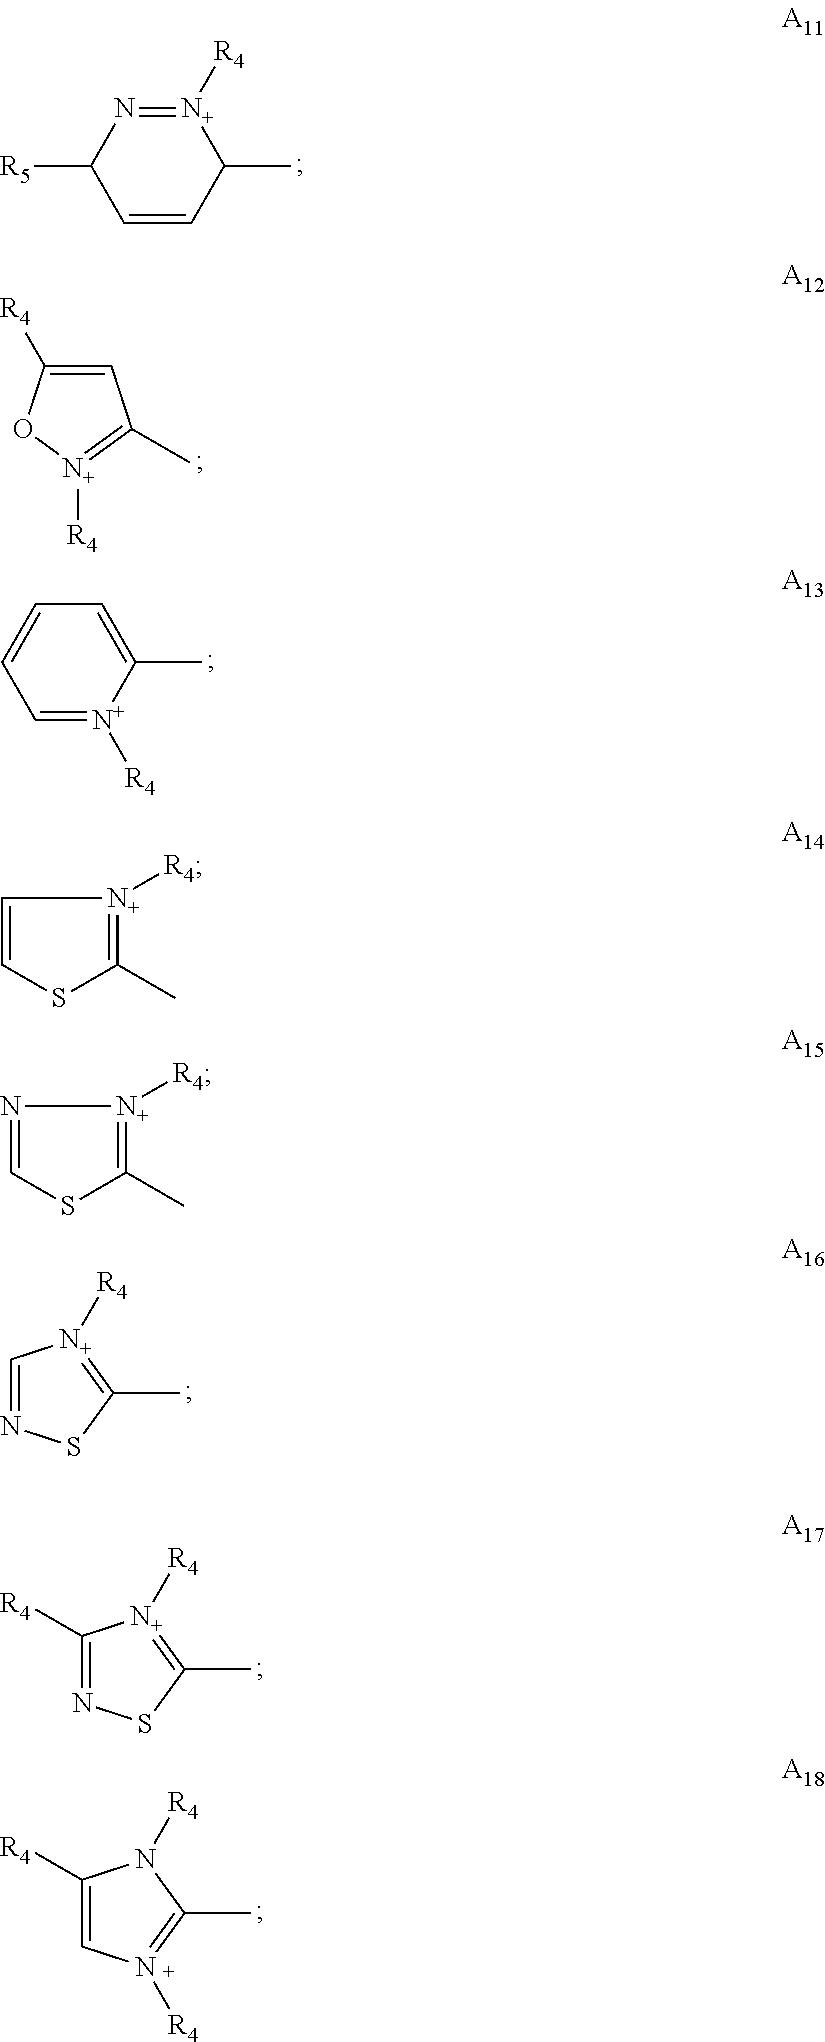 Figure US20110155167A1-20110630-C00007